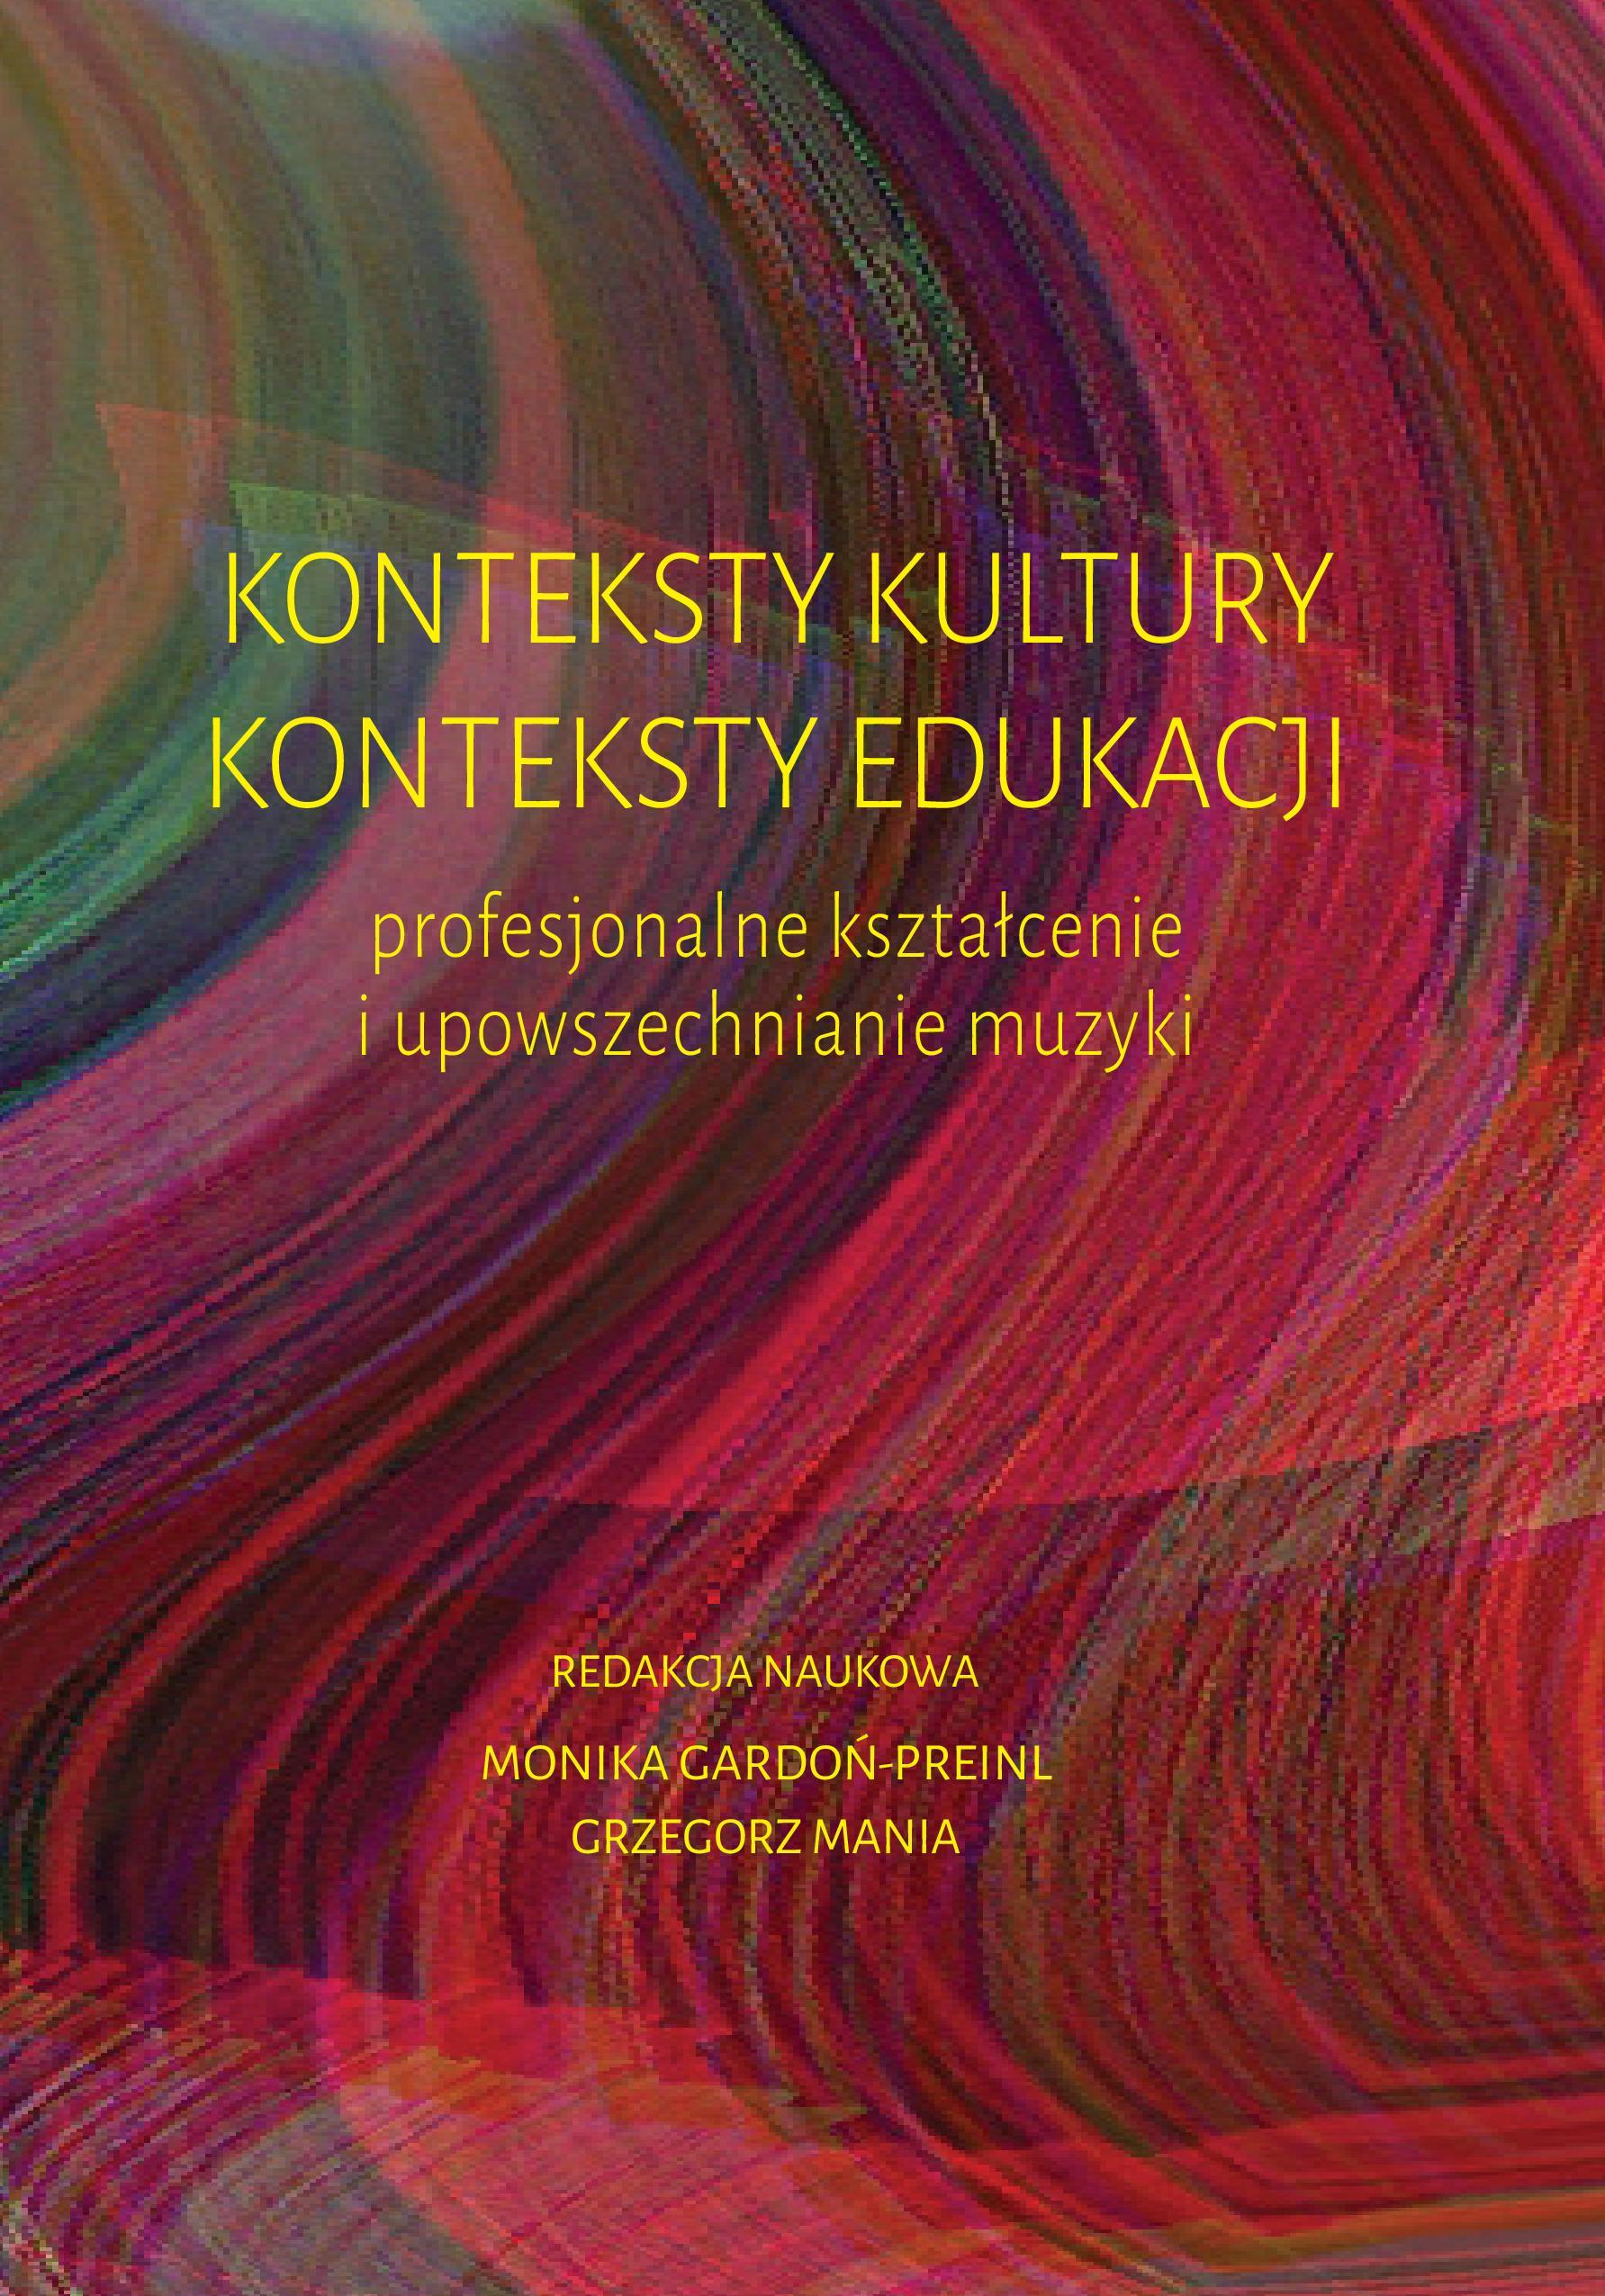 Konteksty kultury, konteksty edukacji – profesjonalne kształcenie i upowszechnianie muzyki